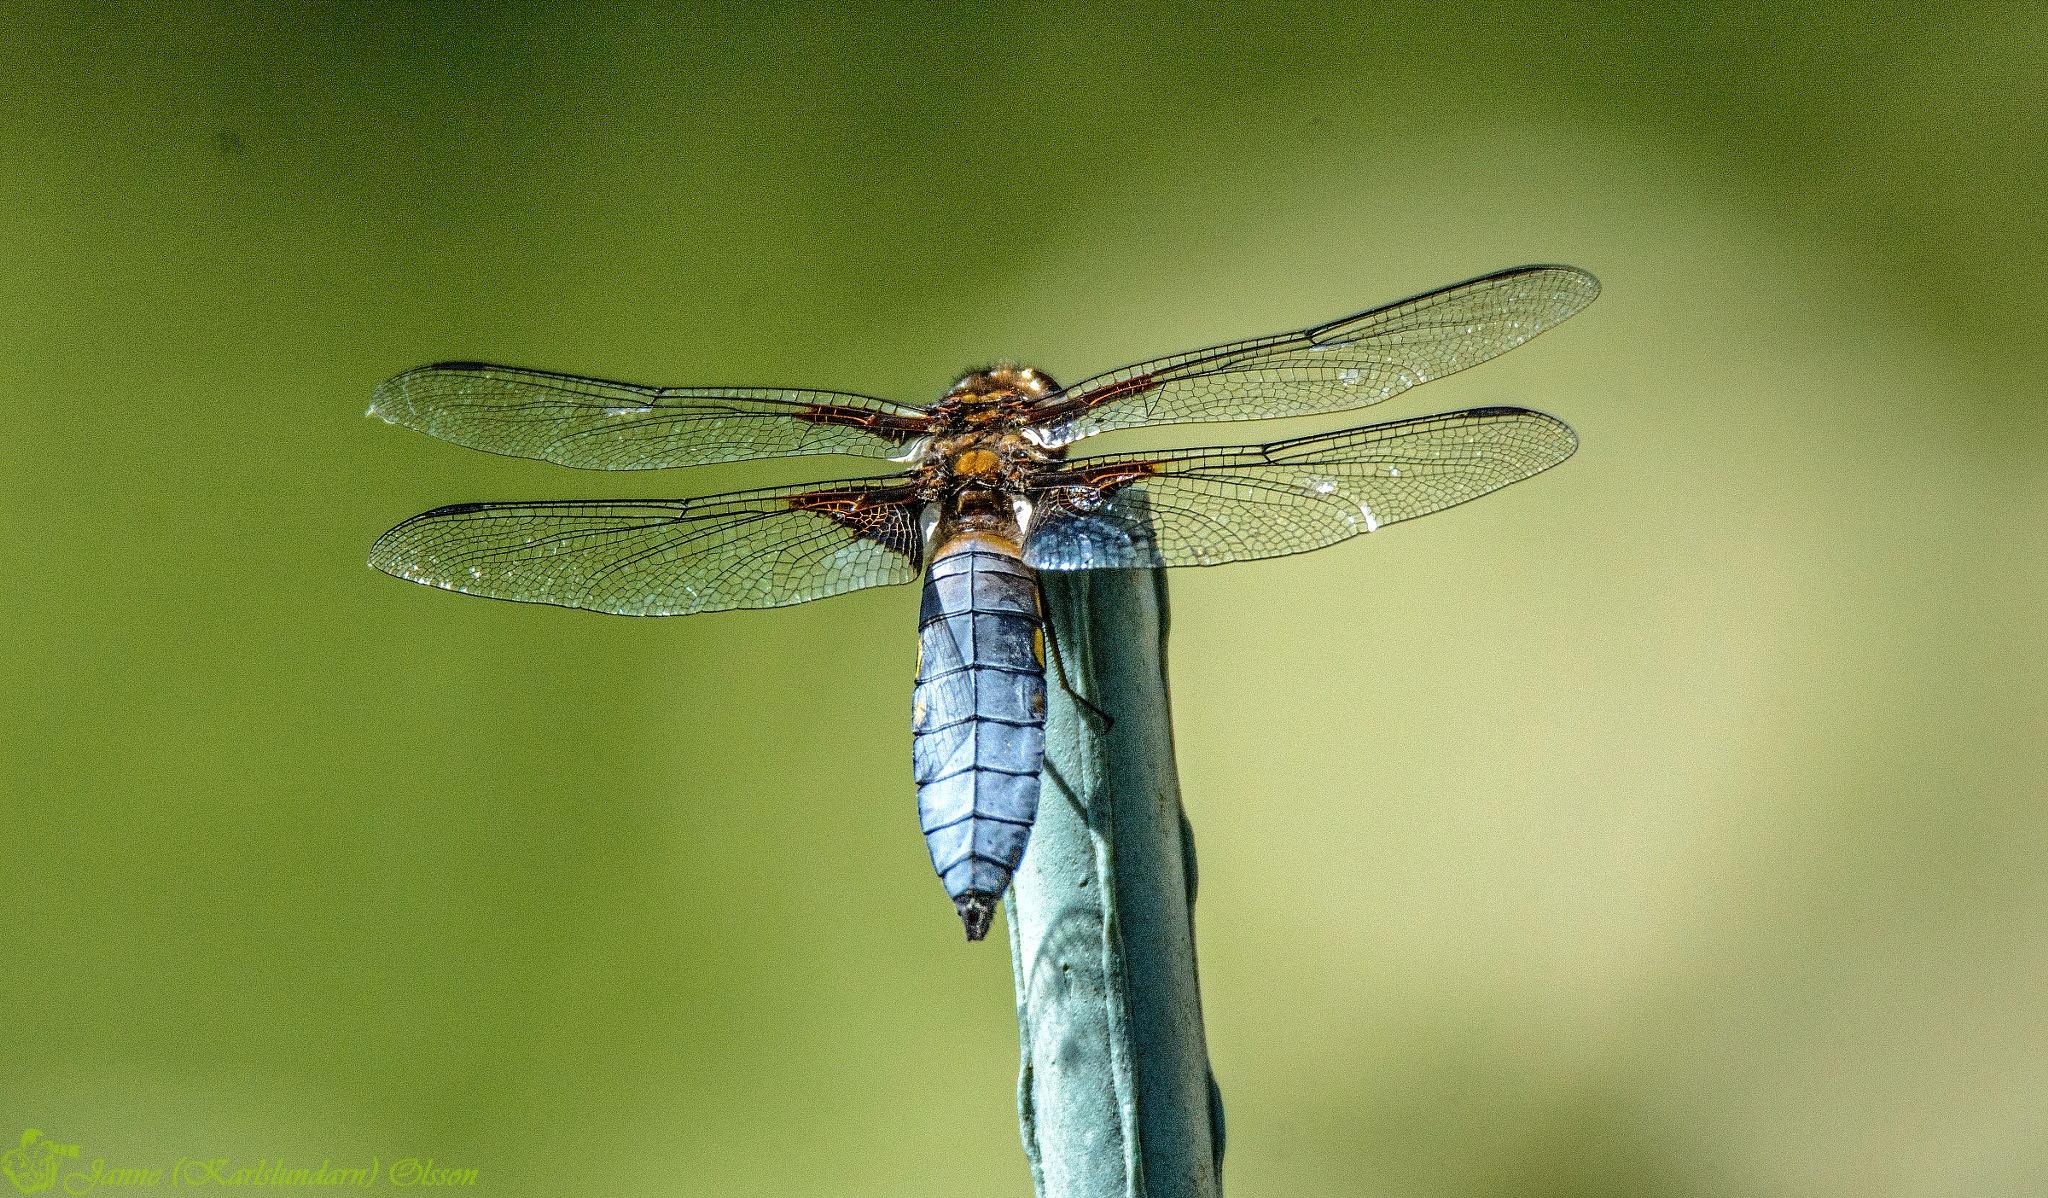 Male Libellula depressa by (Karlslundarn)